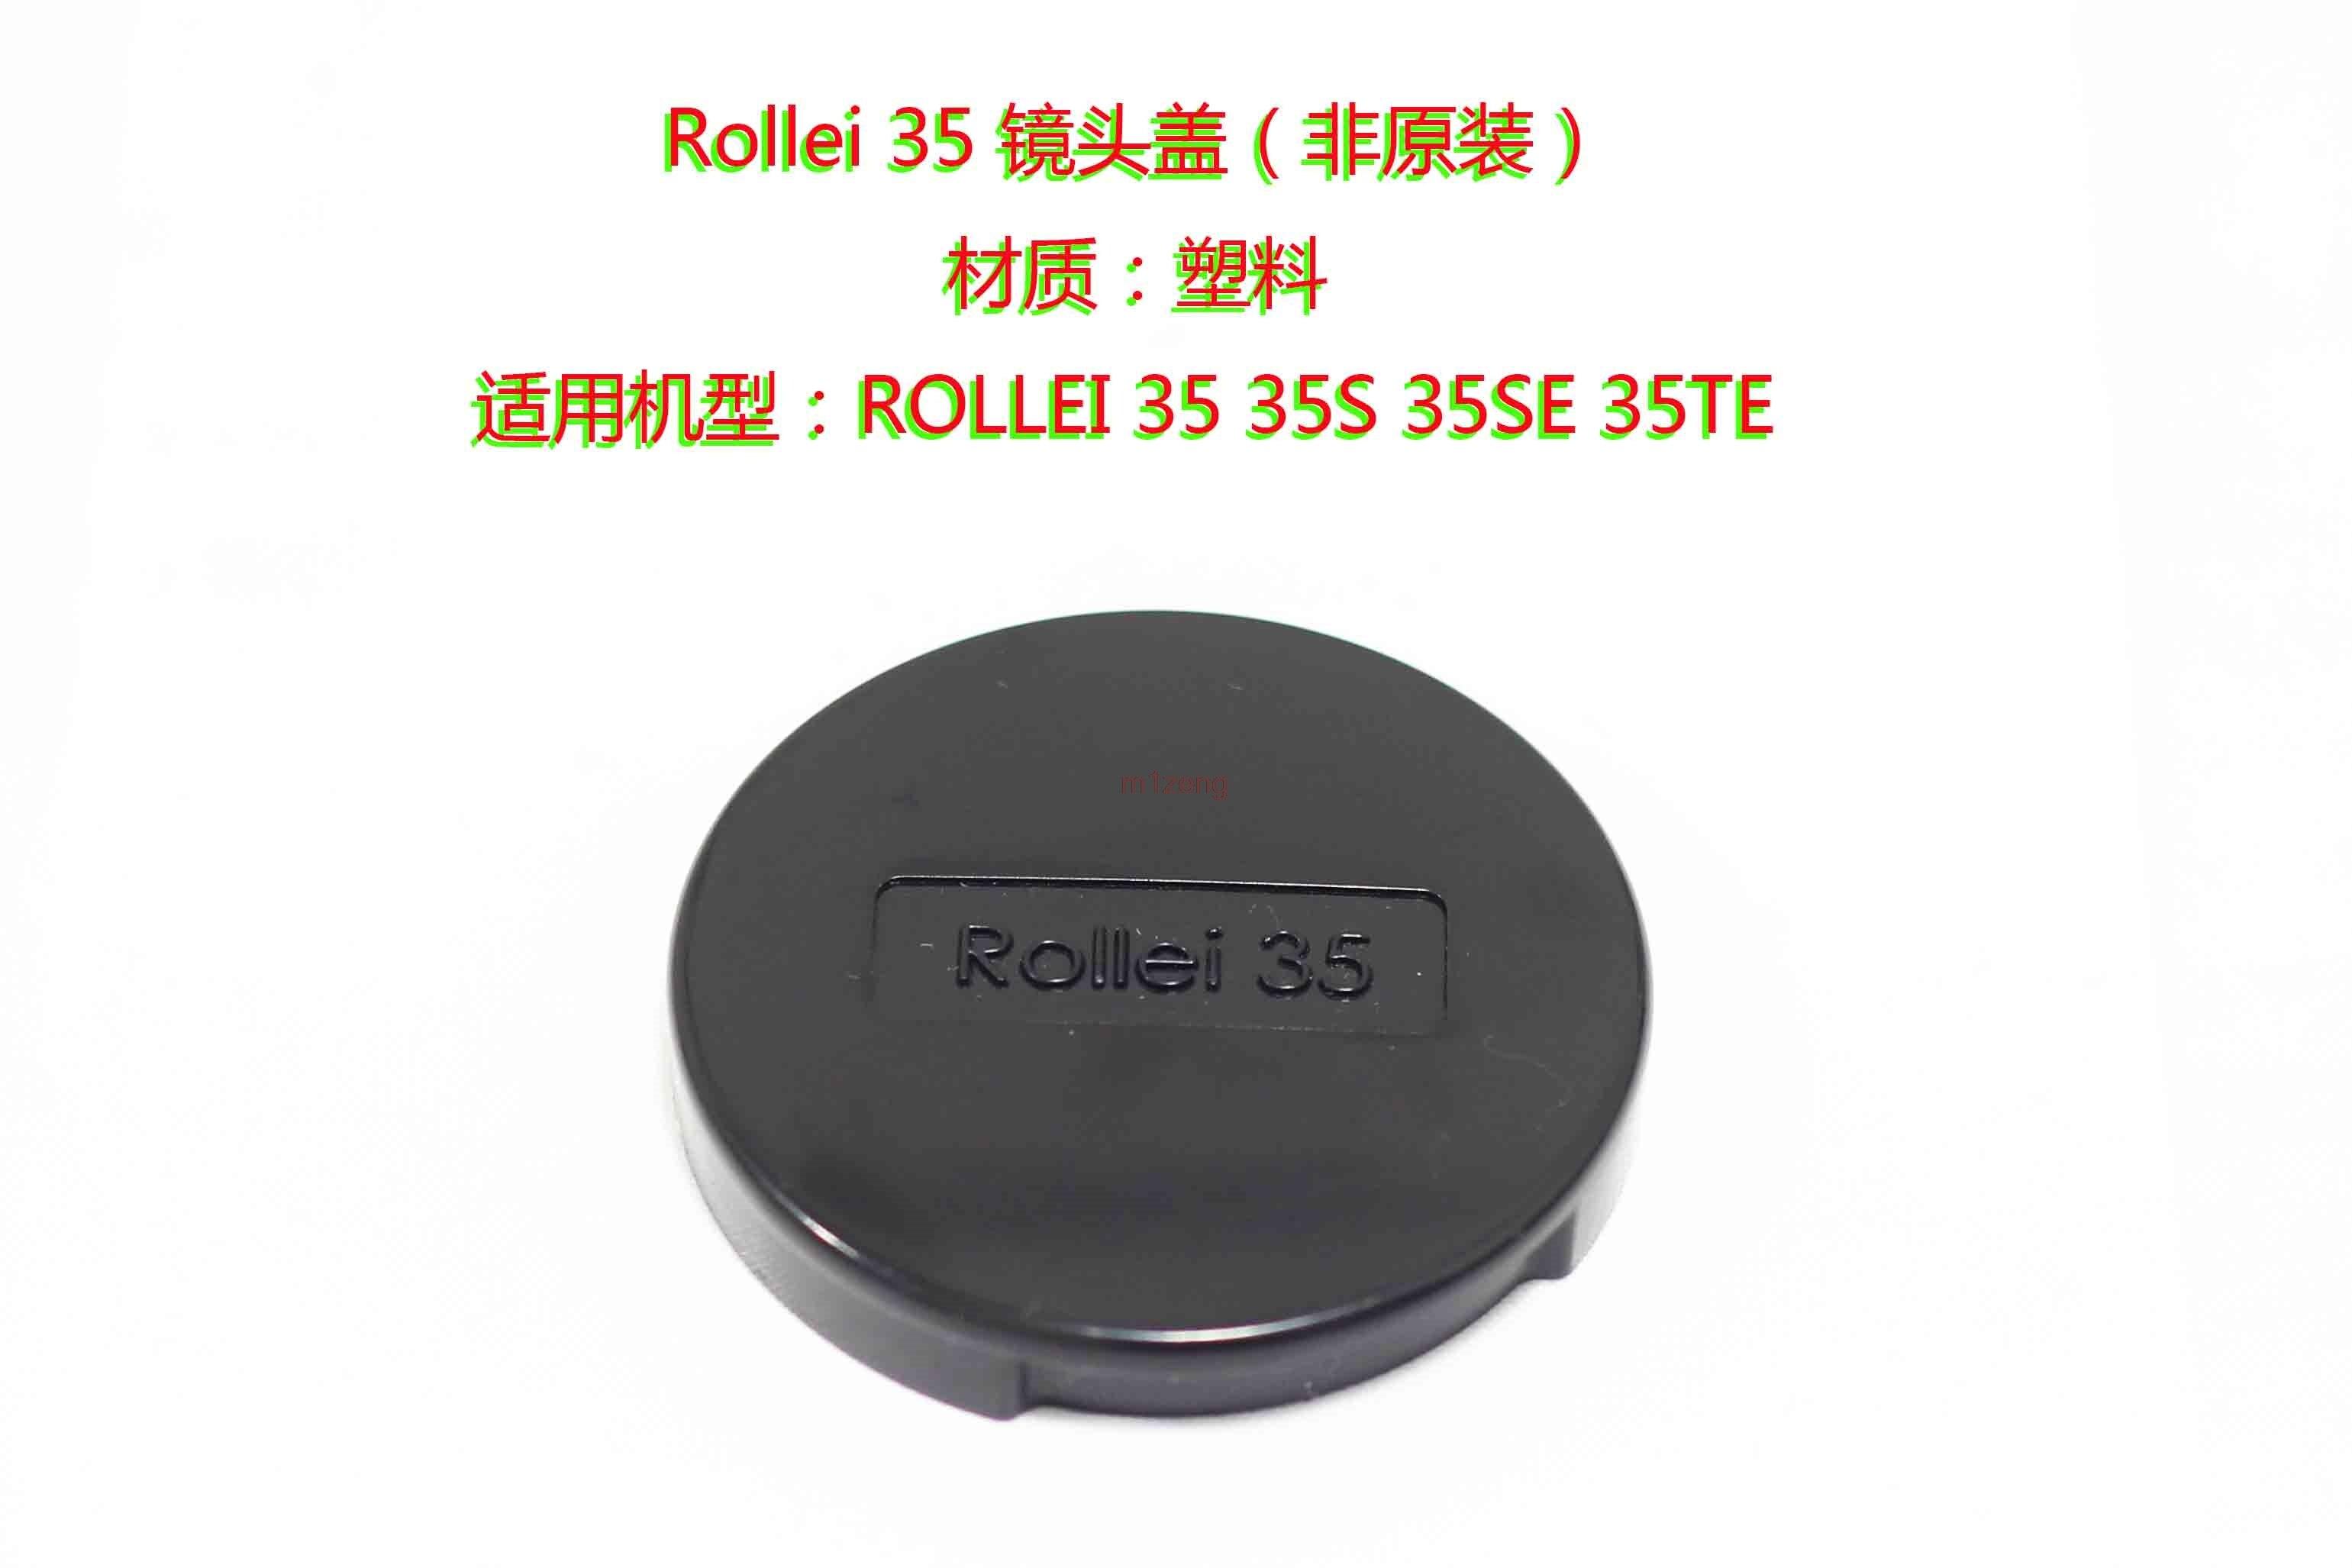 Obiettivo anteriore Della Protezione della copertura della protezione per Rollei 35 35 s 35SE 35TE macchina fotografica